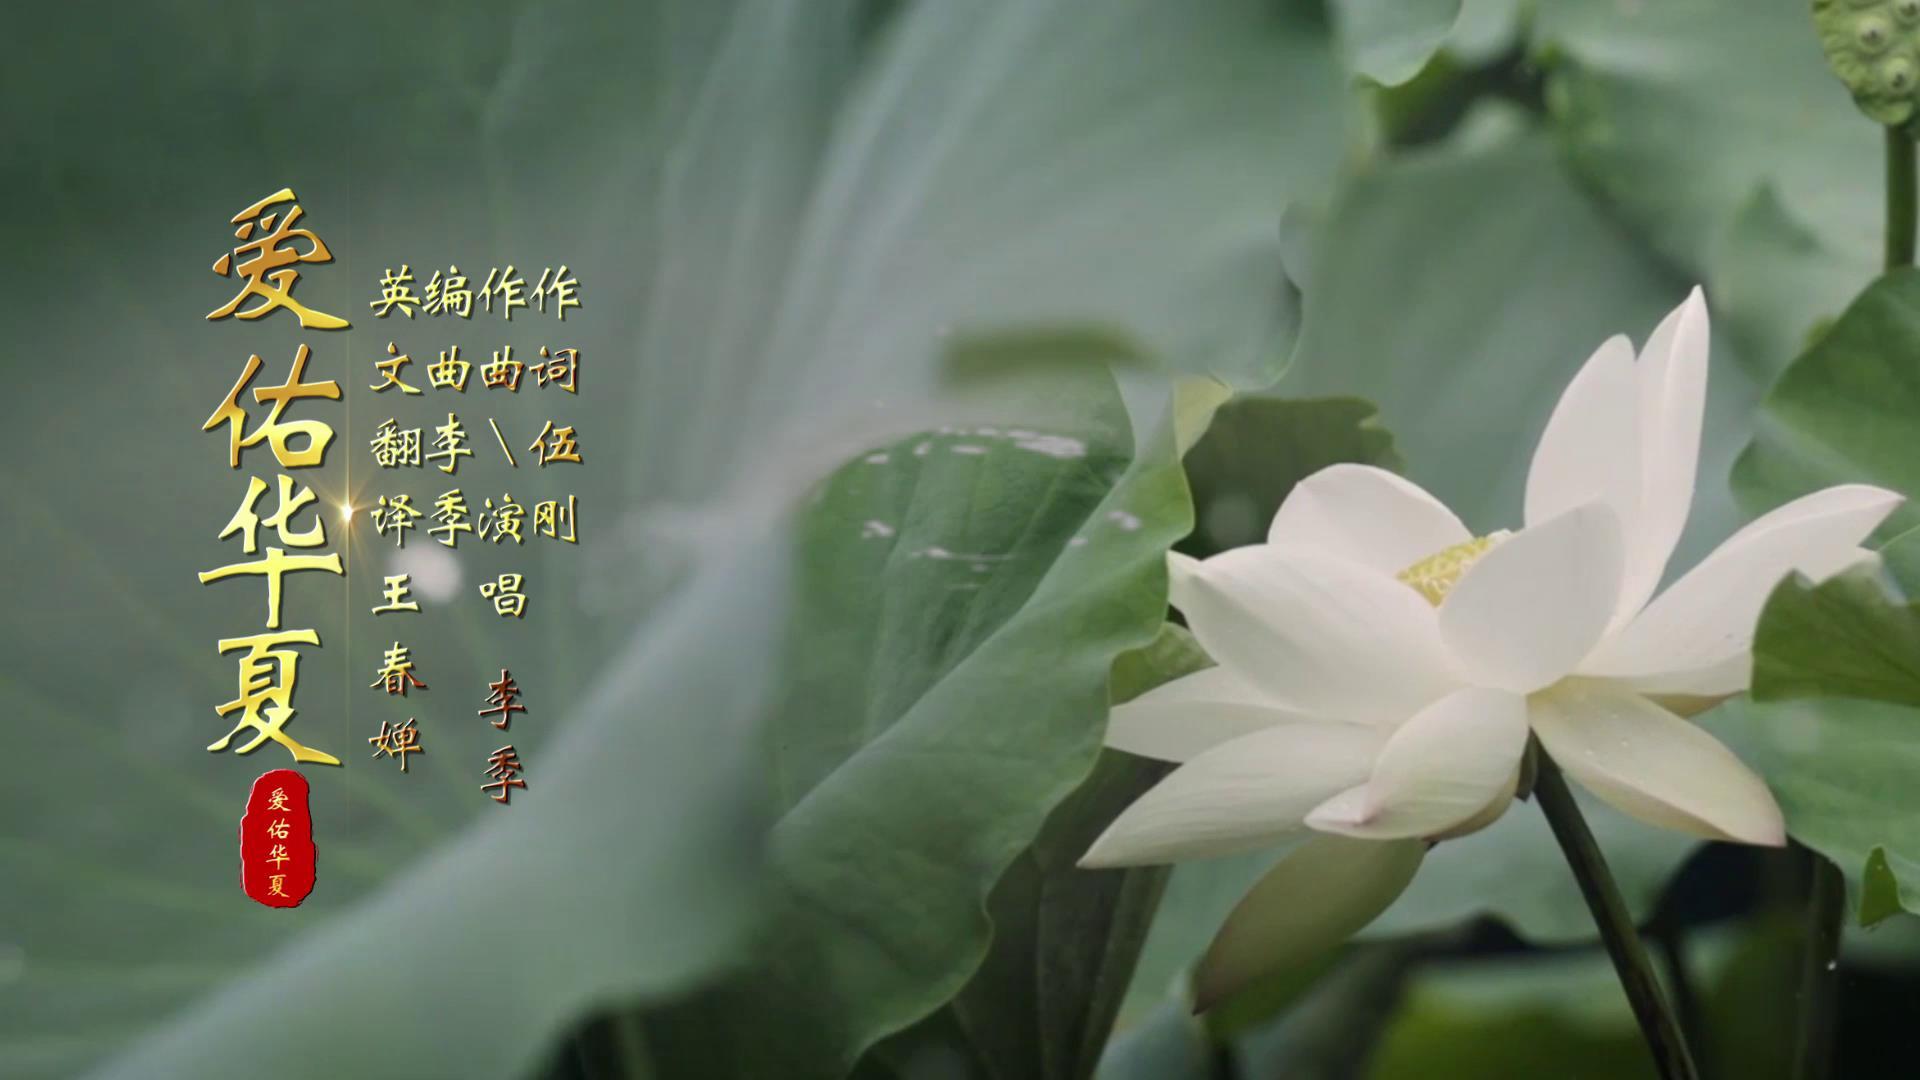 爱佑华夏 MV包装版2.0[封面图].jpg